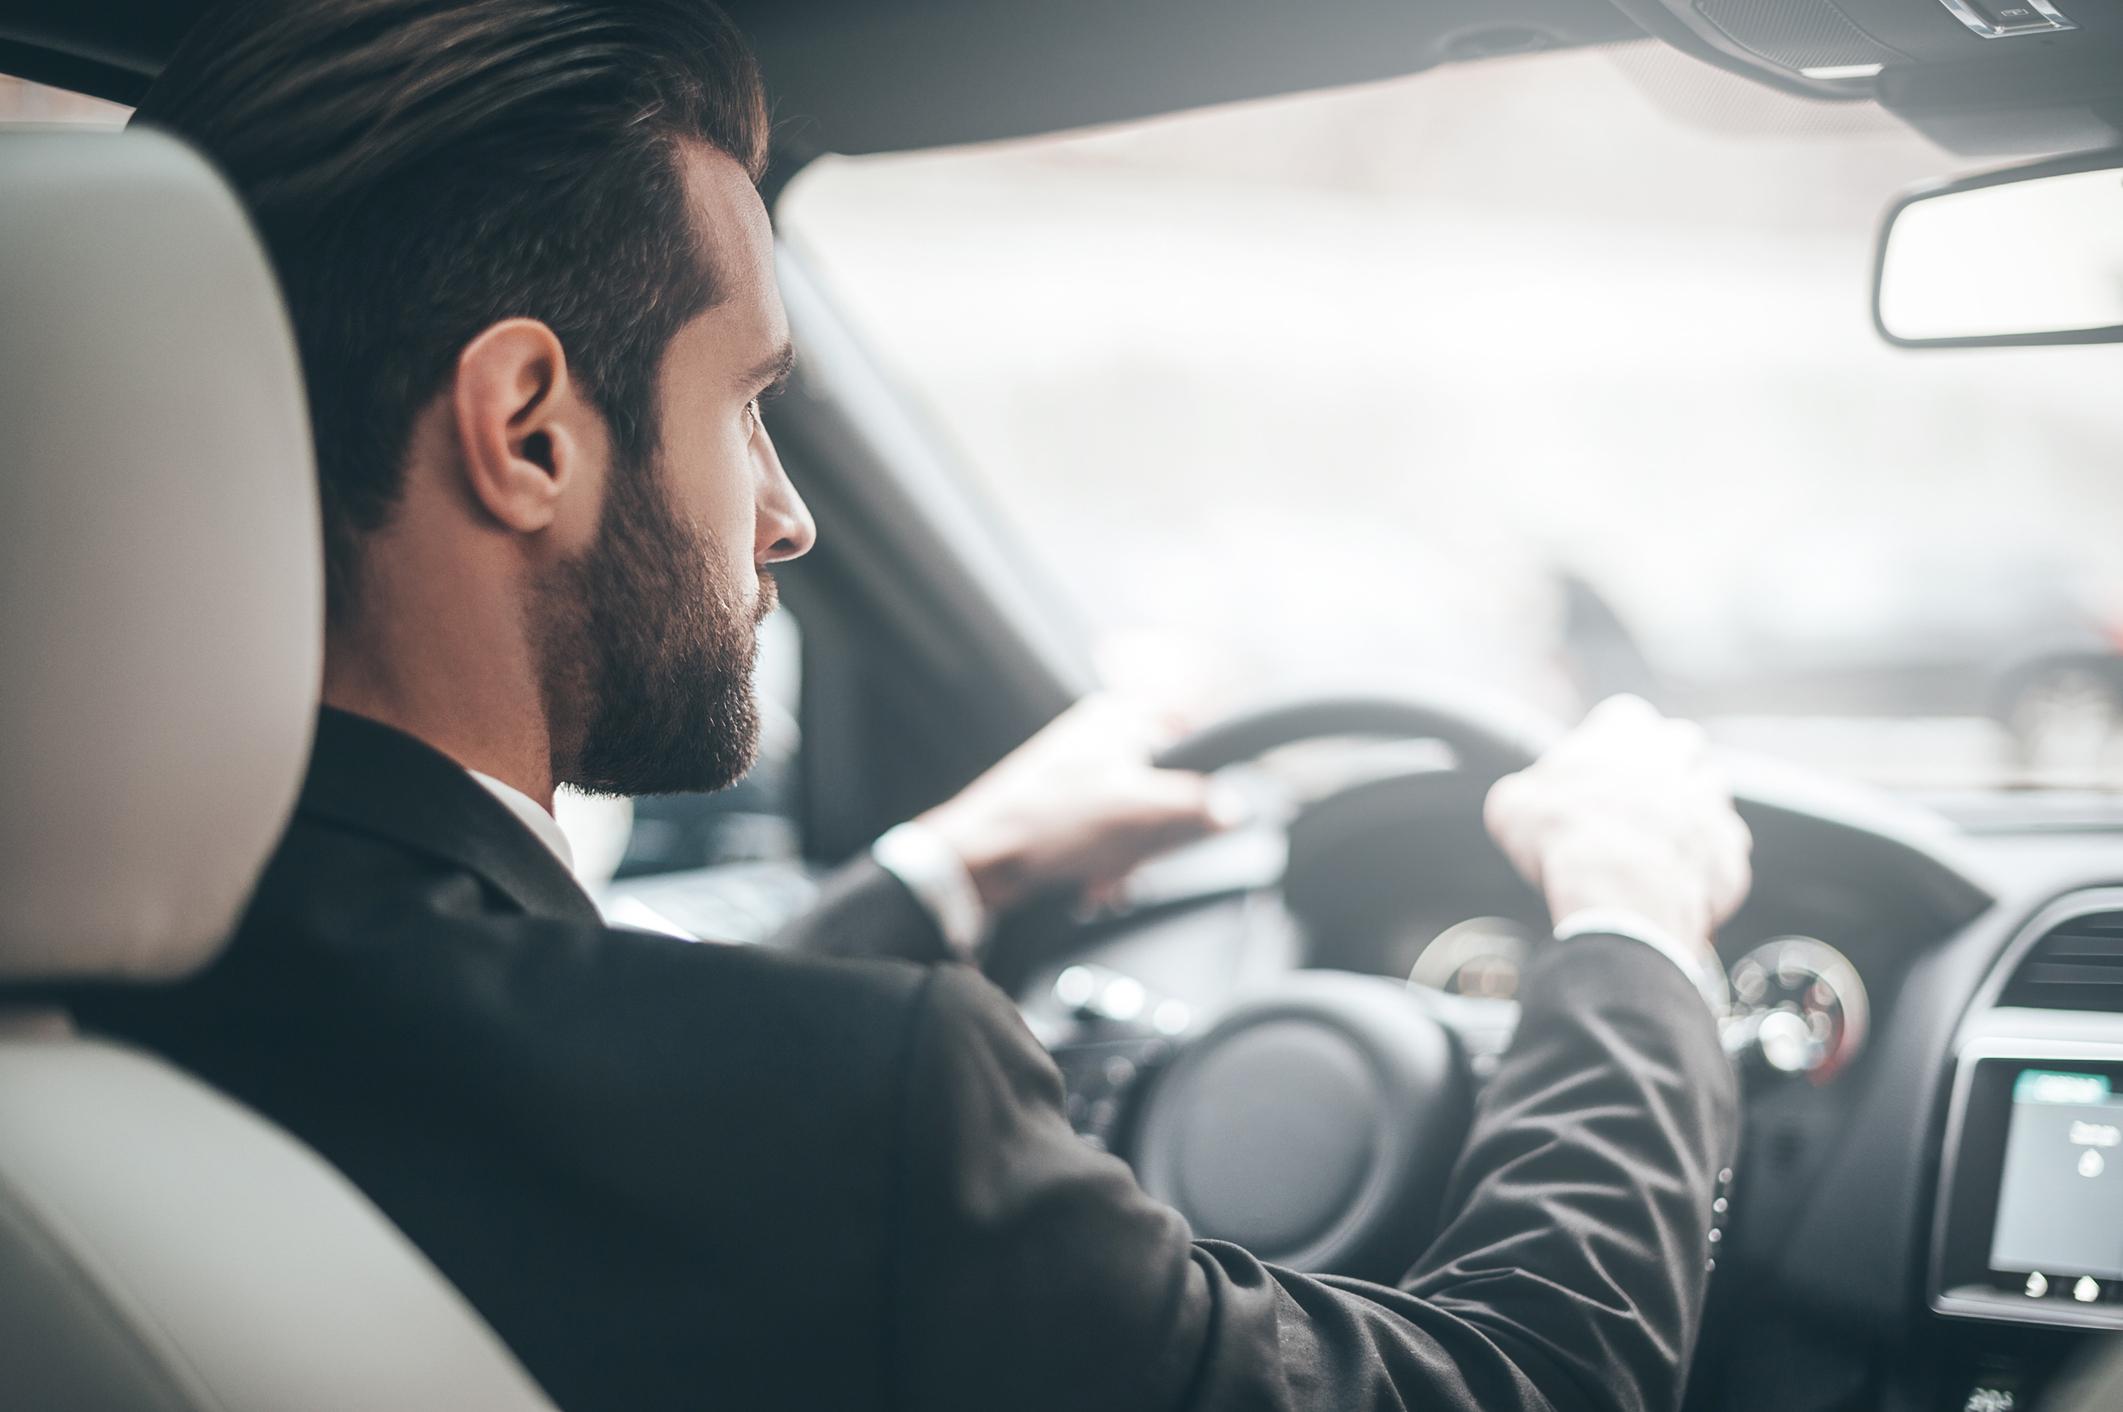 Marco regulatório do transporte de carga no Brasil flexibilizou a lei para todos os motoristas profissionais. Ou seja, condutores que exerçam atividade remunerada em veículos no exercício.